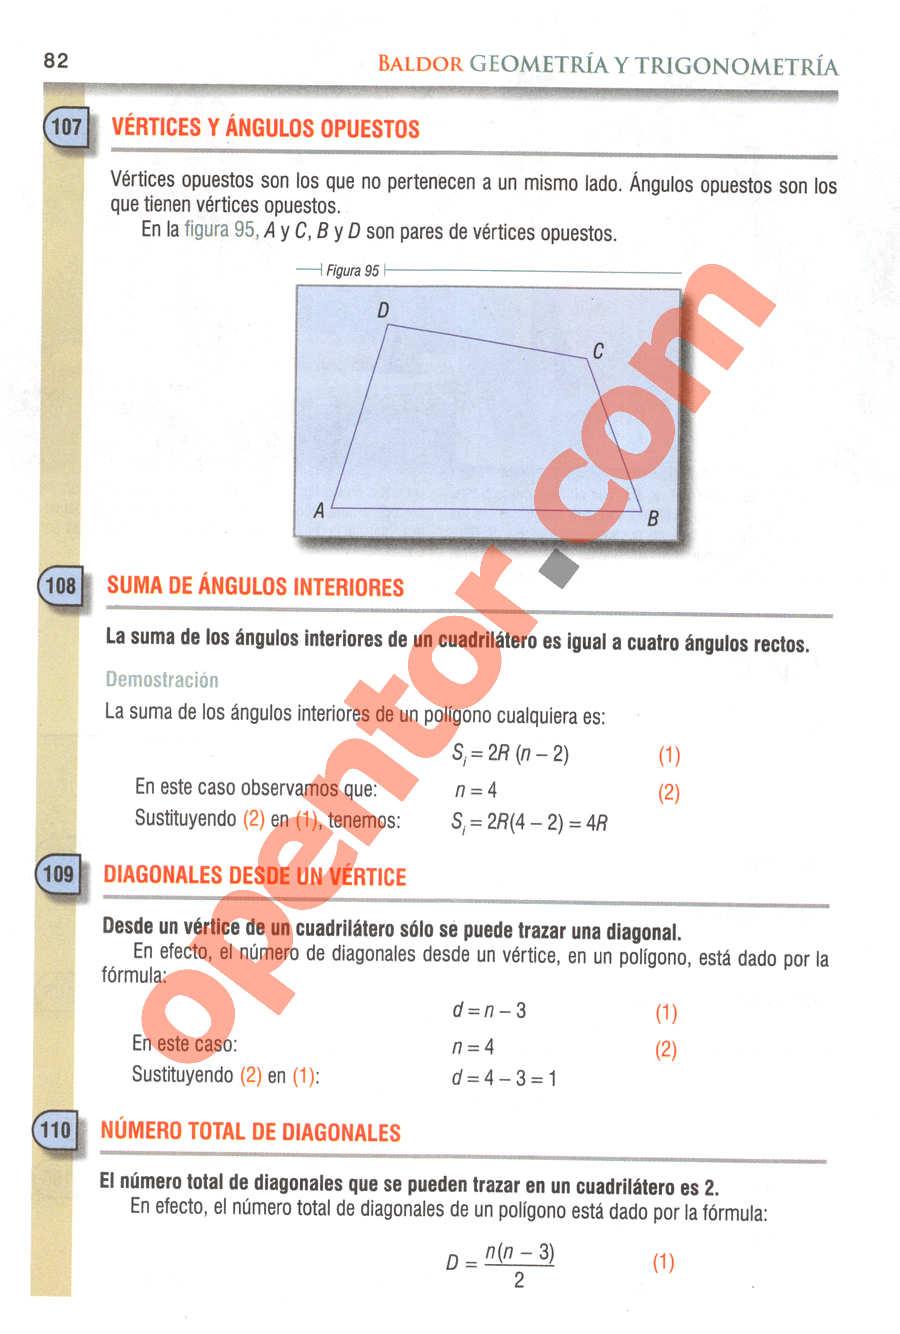 Geometría y Trigonometría de Baldor - Página 82